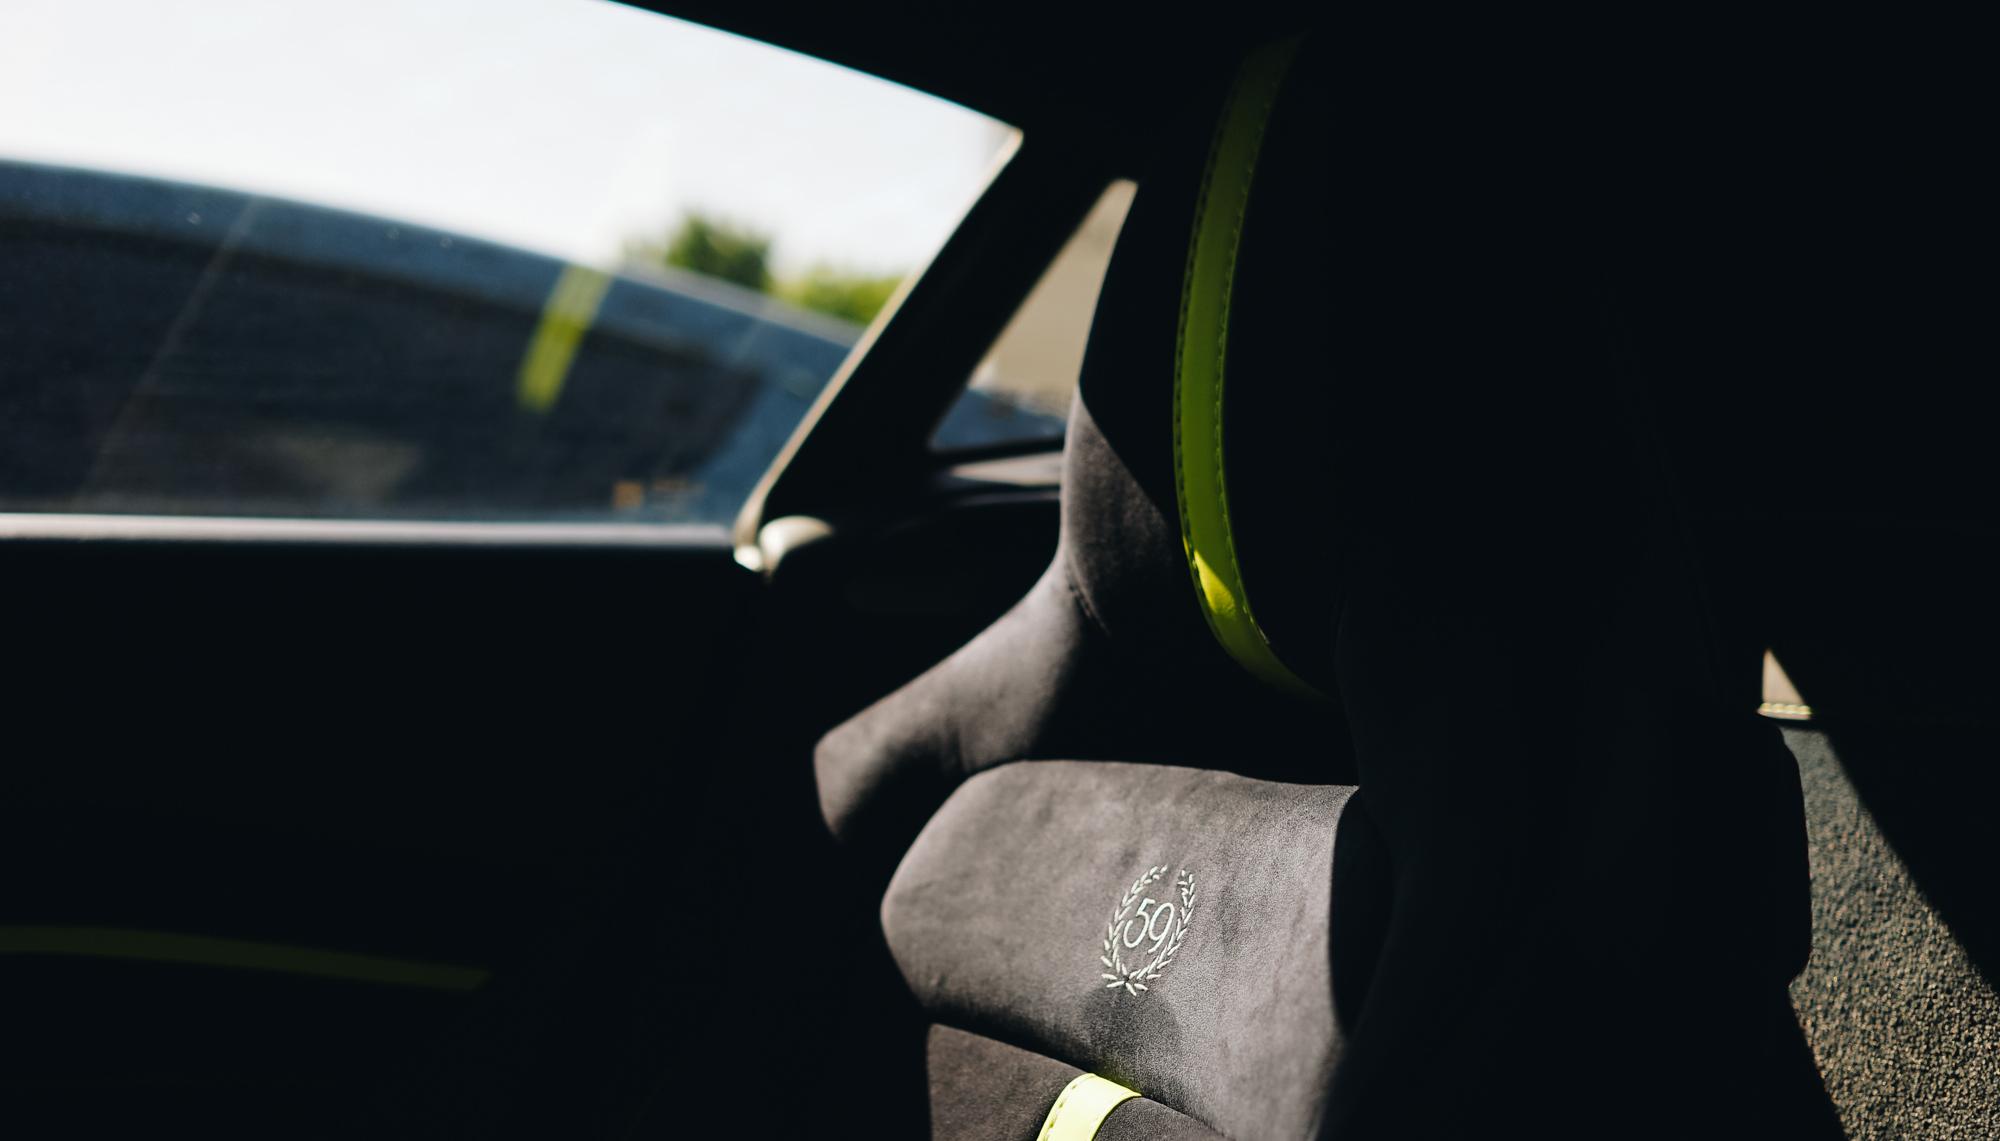 Aston Martin Vantage AMR Interior Seats (1)